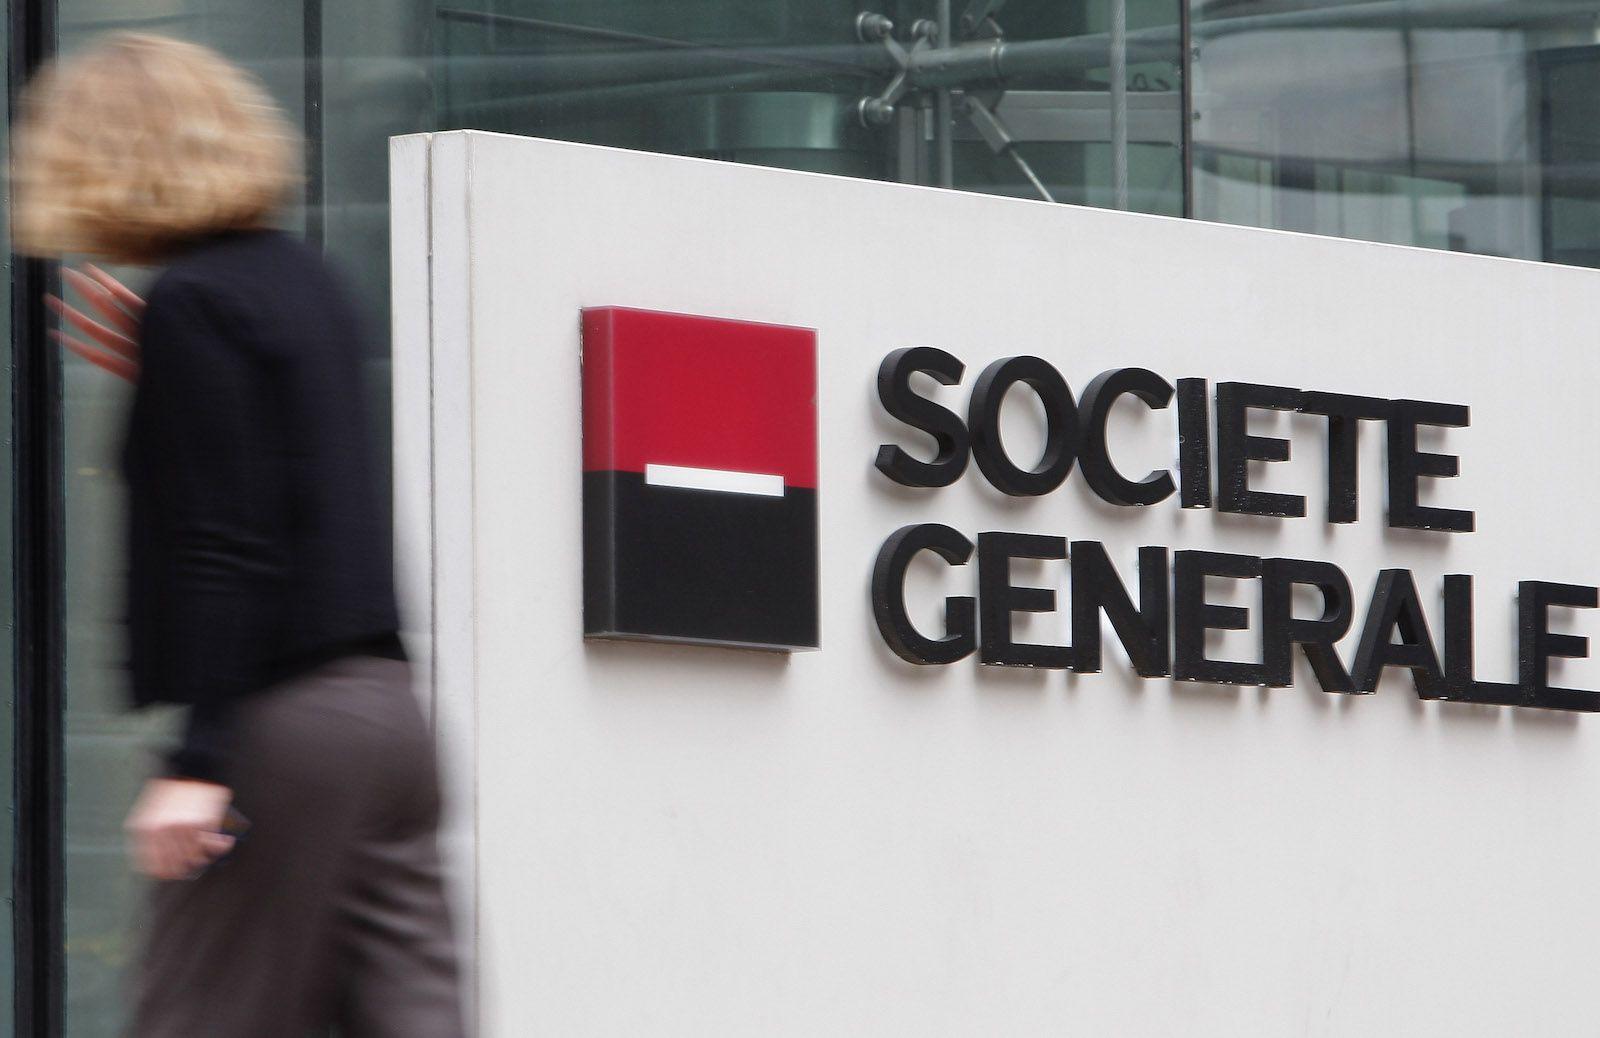 Société Générale Shopping for a Crypto Custodian: Sources